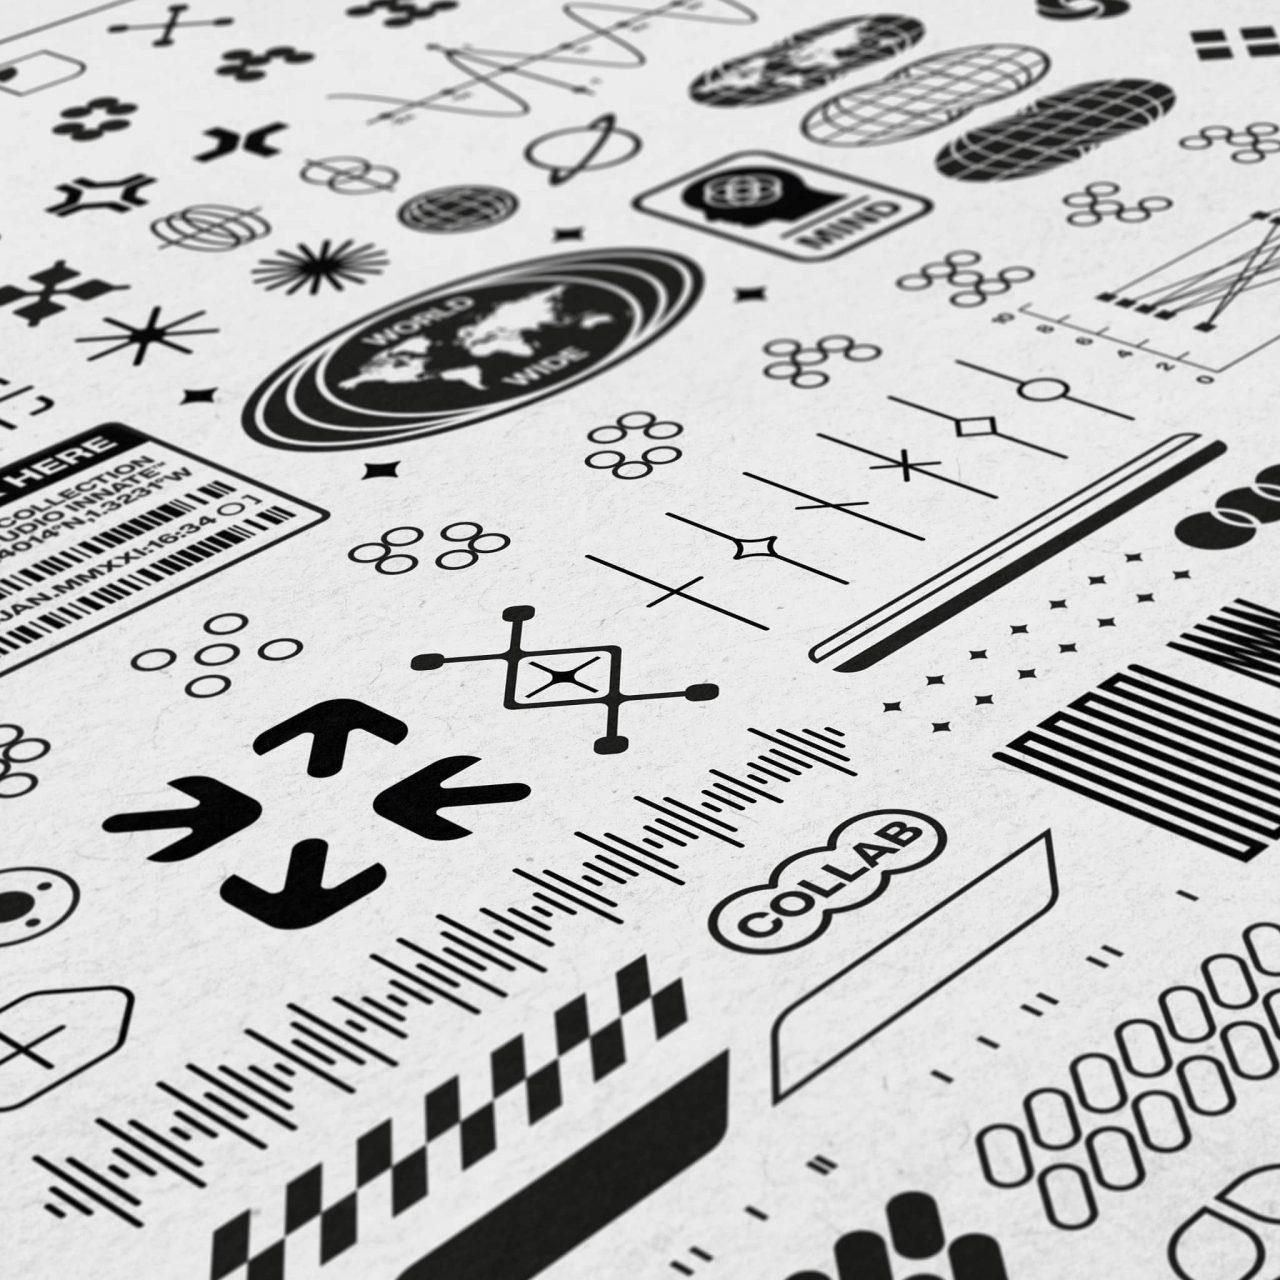 [单独购买] 230款时尚潮流现代艺术几何赛博朋克Logo图形AI矢量设计素材 Studio Innate – Lockup Vector Pack Vol.2插图1